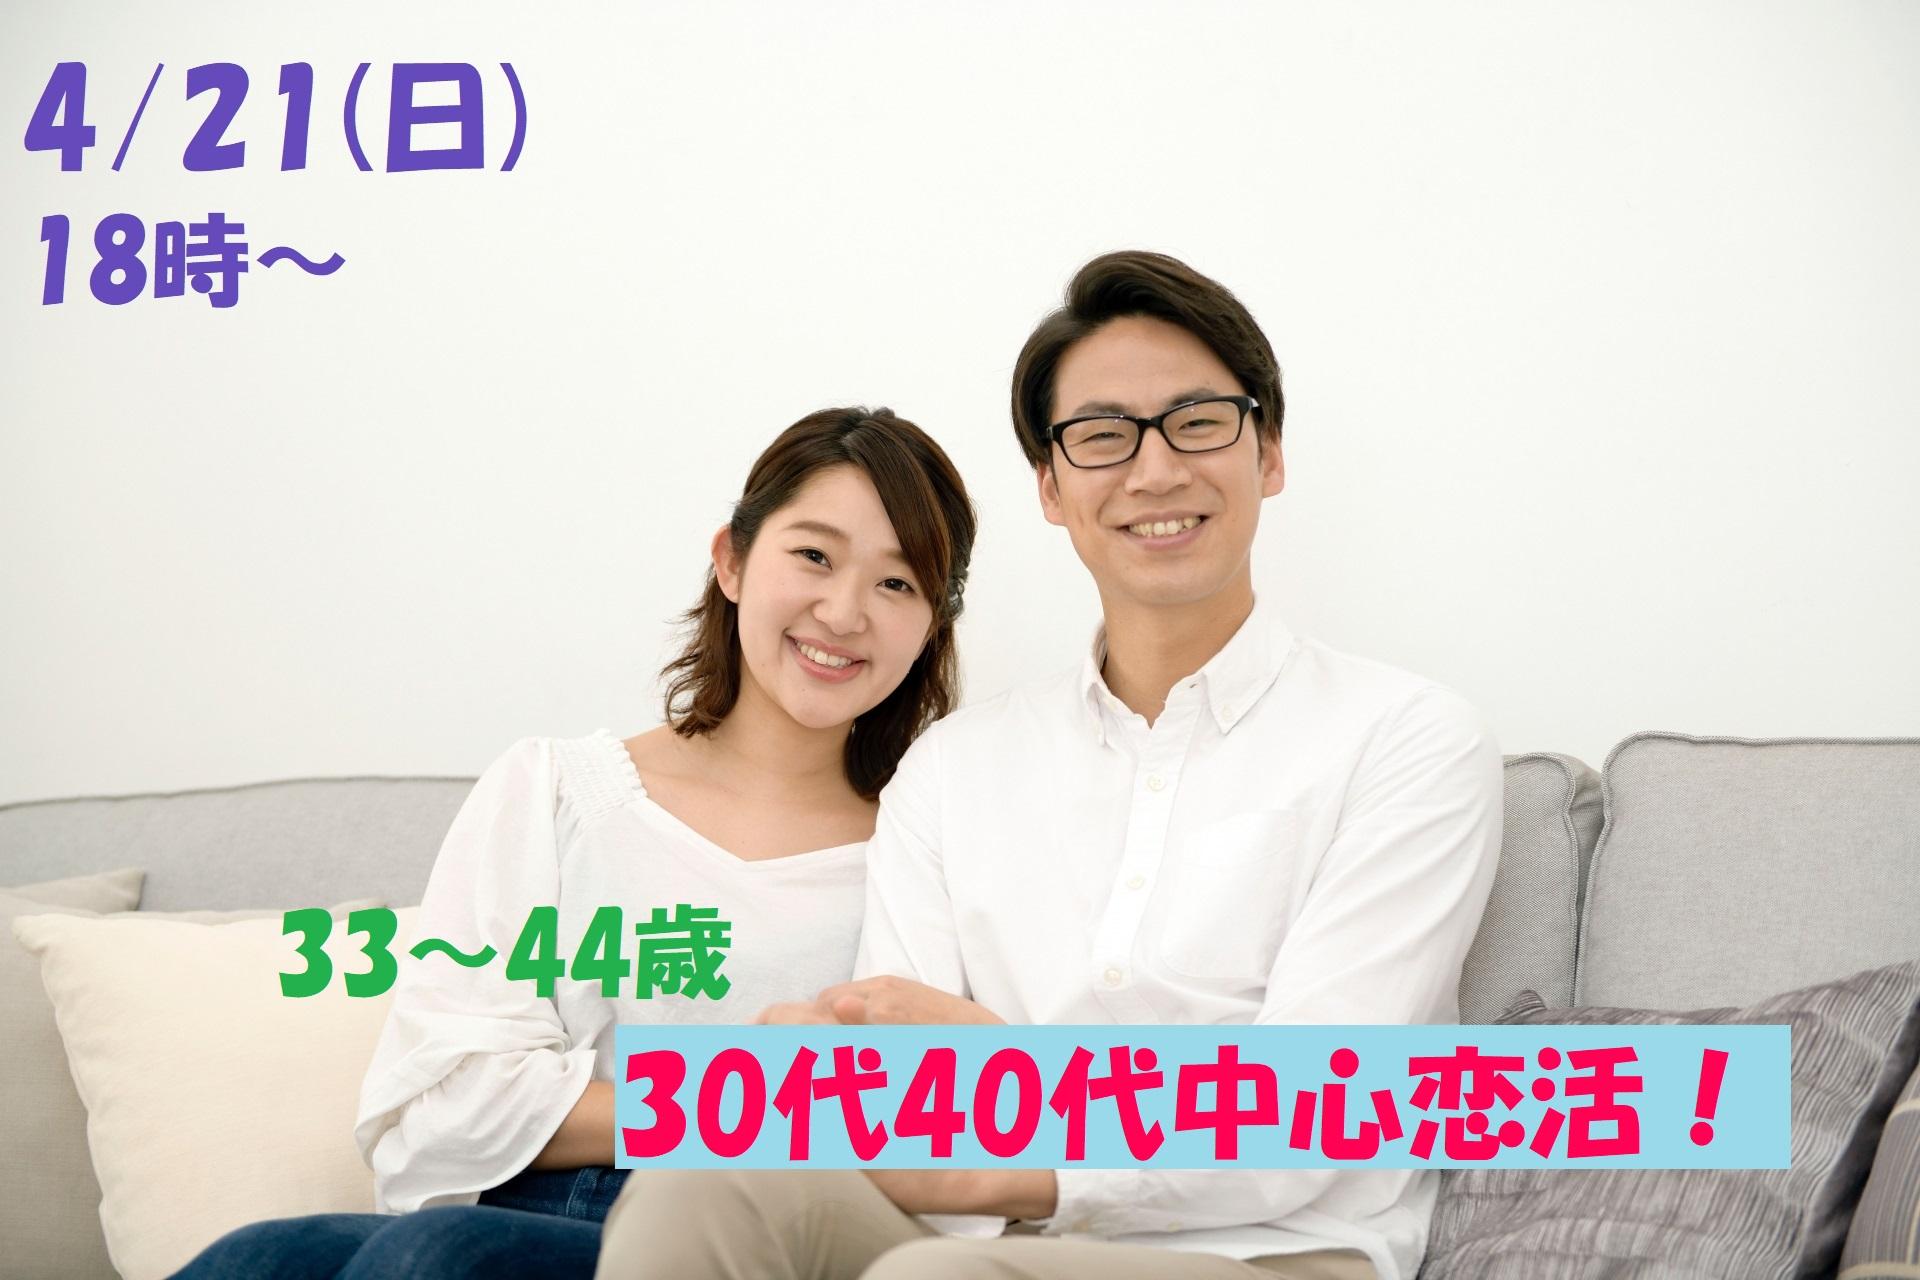 第1077回 18時~【33~44歳】友達から!30代40代中心恋活!のご報告